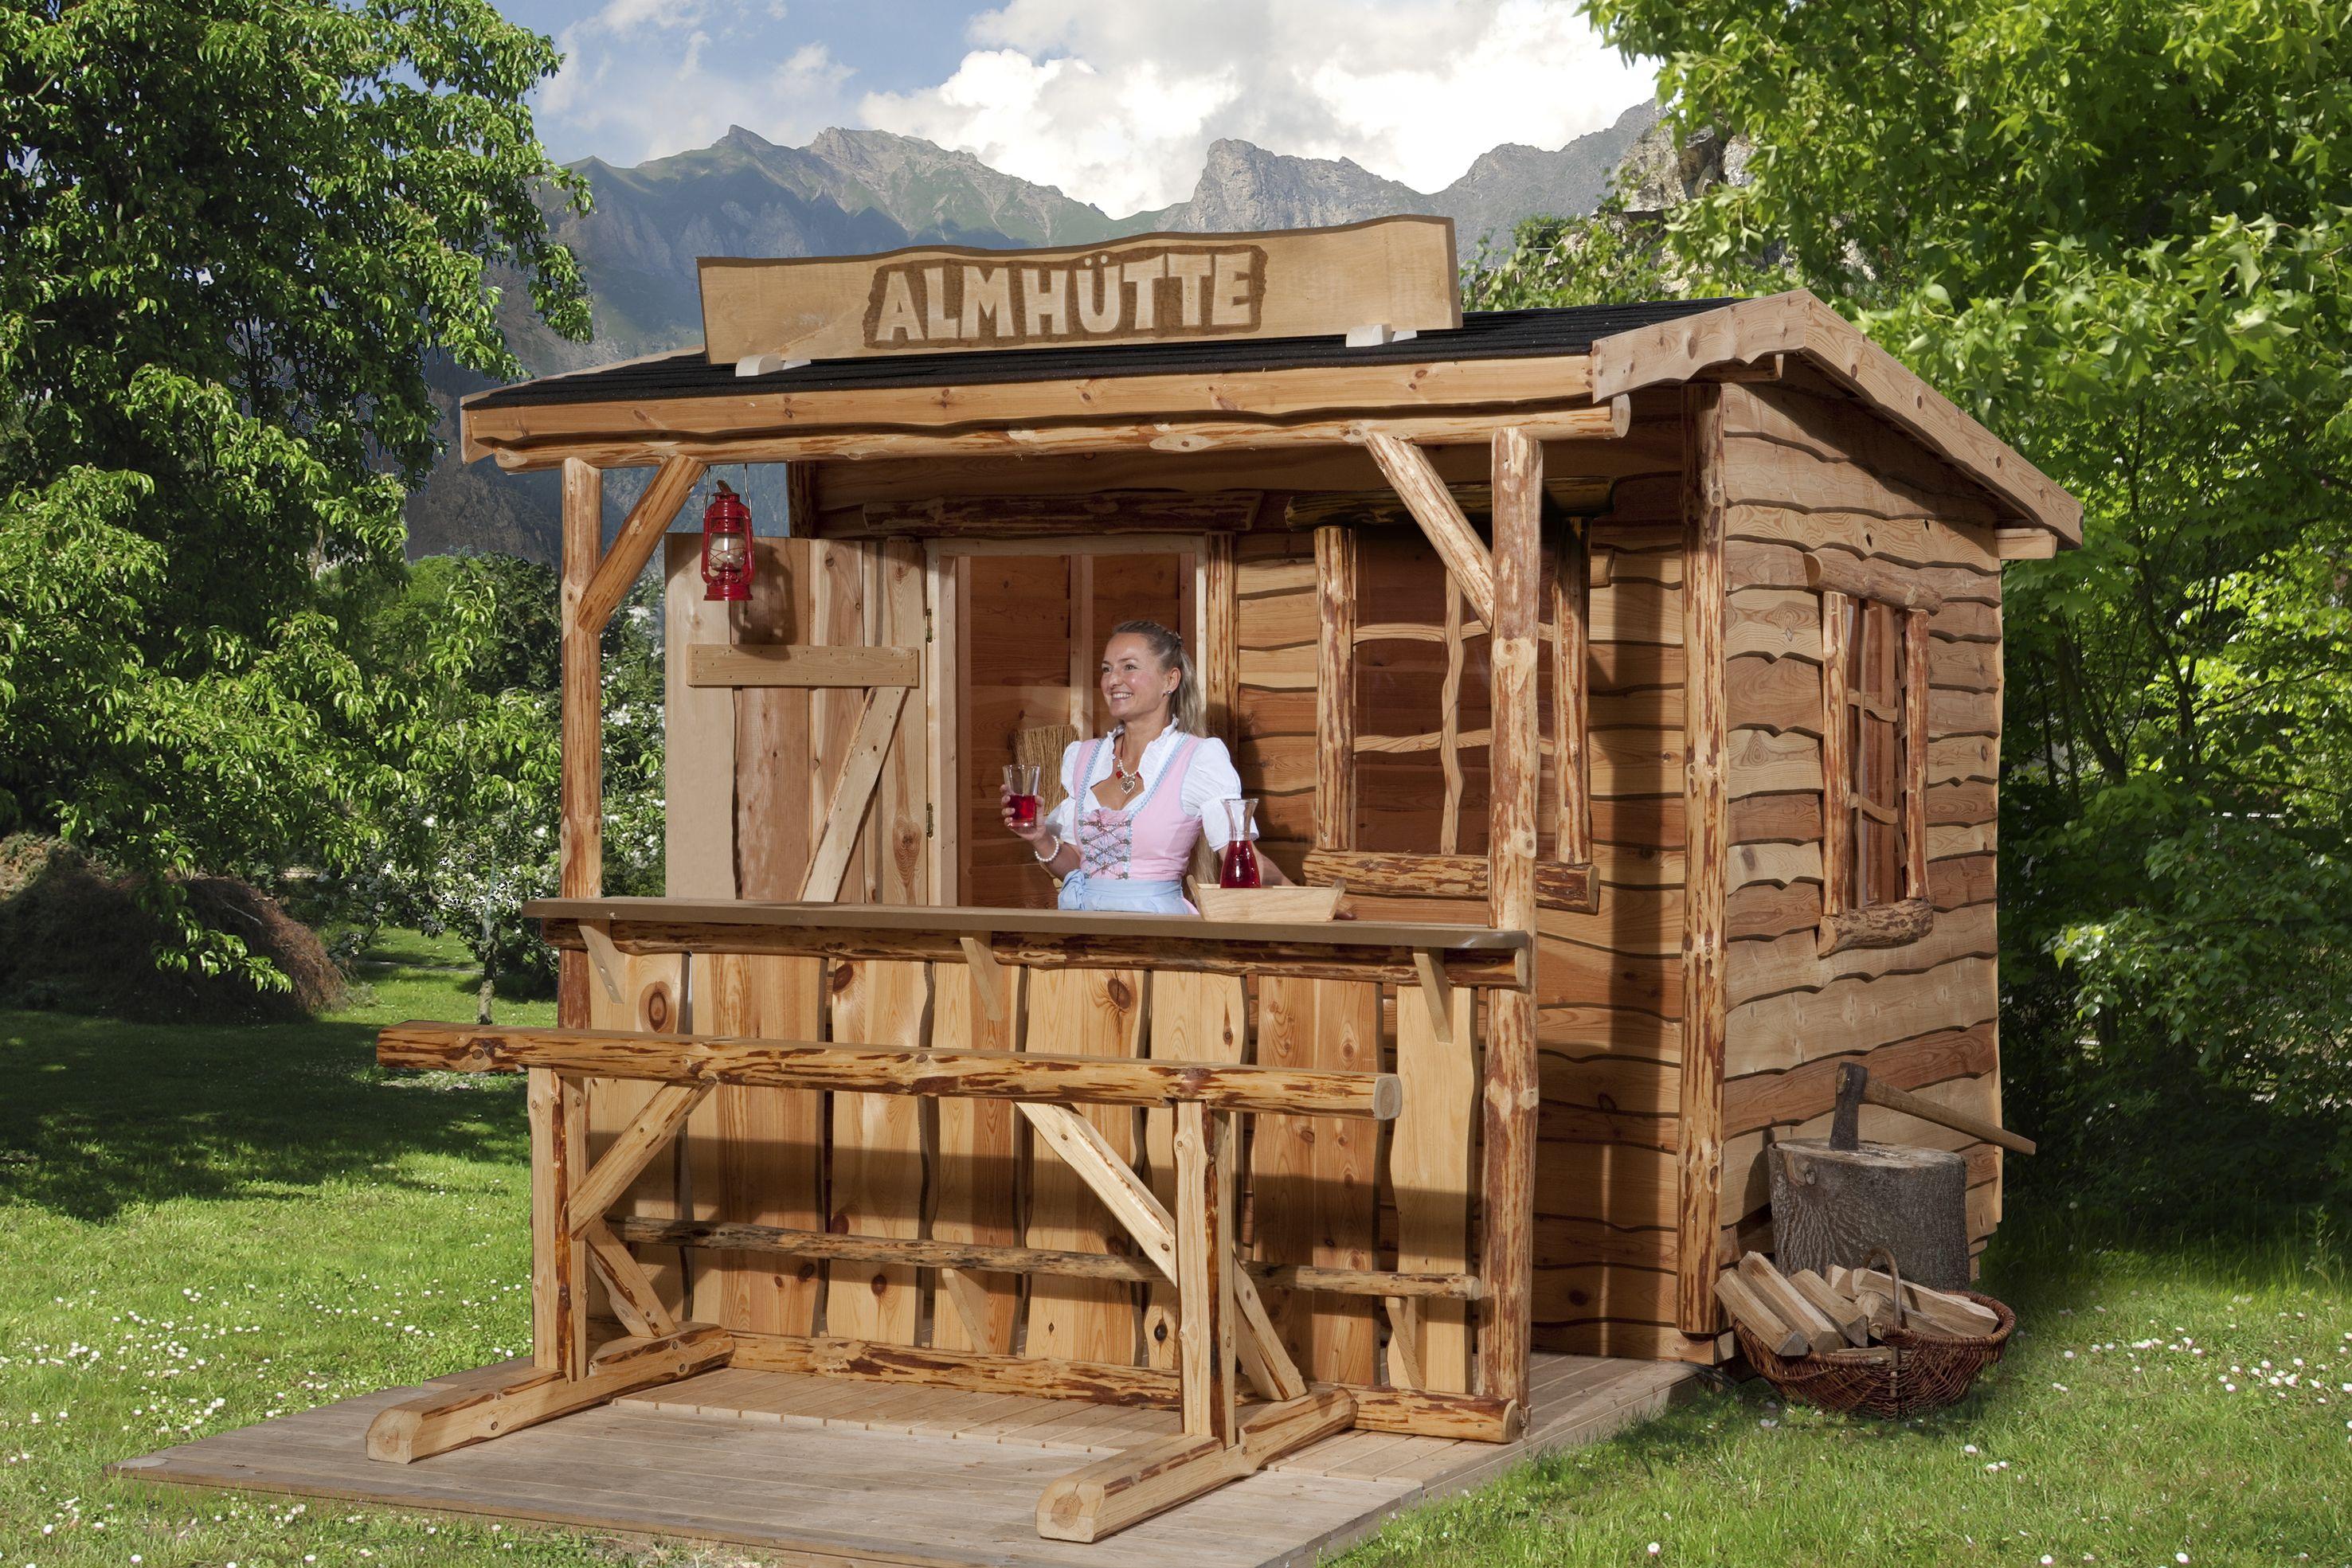 Het Ultieme Oostenrijk Gevoel Een Blokhut Die Je In De Bergen Tegenkomt Gewoon In Je Eigen Tuin Leuk Te Koop Bij Blokhutvil Blokhut Tuinhuisjes Tuinhuis